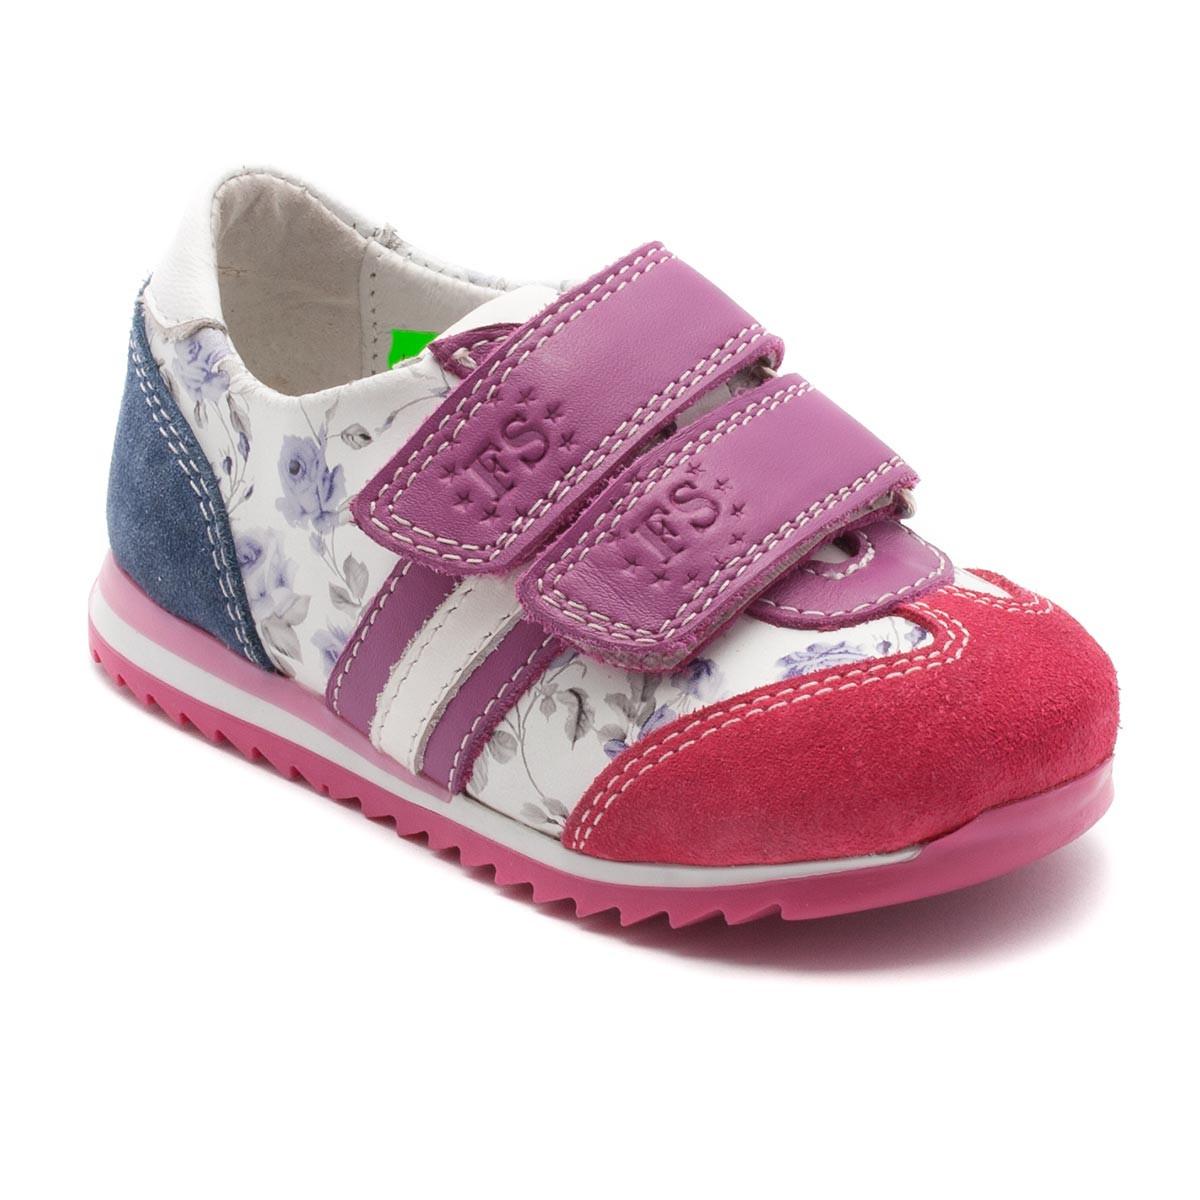 3c0f7c3a Кожаные кроссовки FS Сollection для девочки, ортопедические, размер 20-30 -  Детская обувь